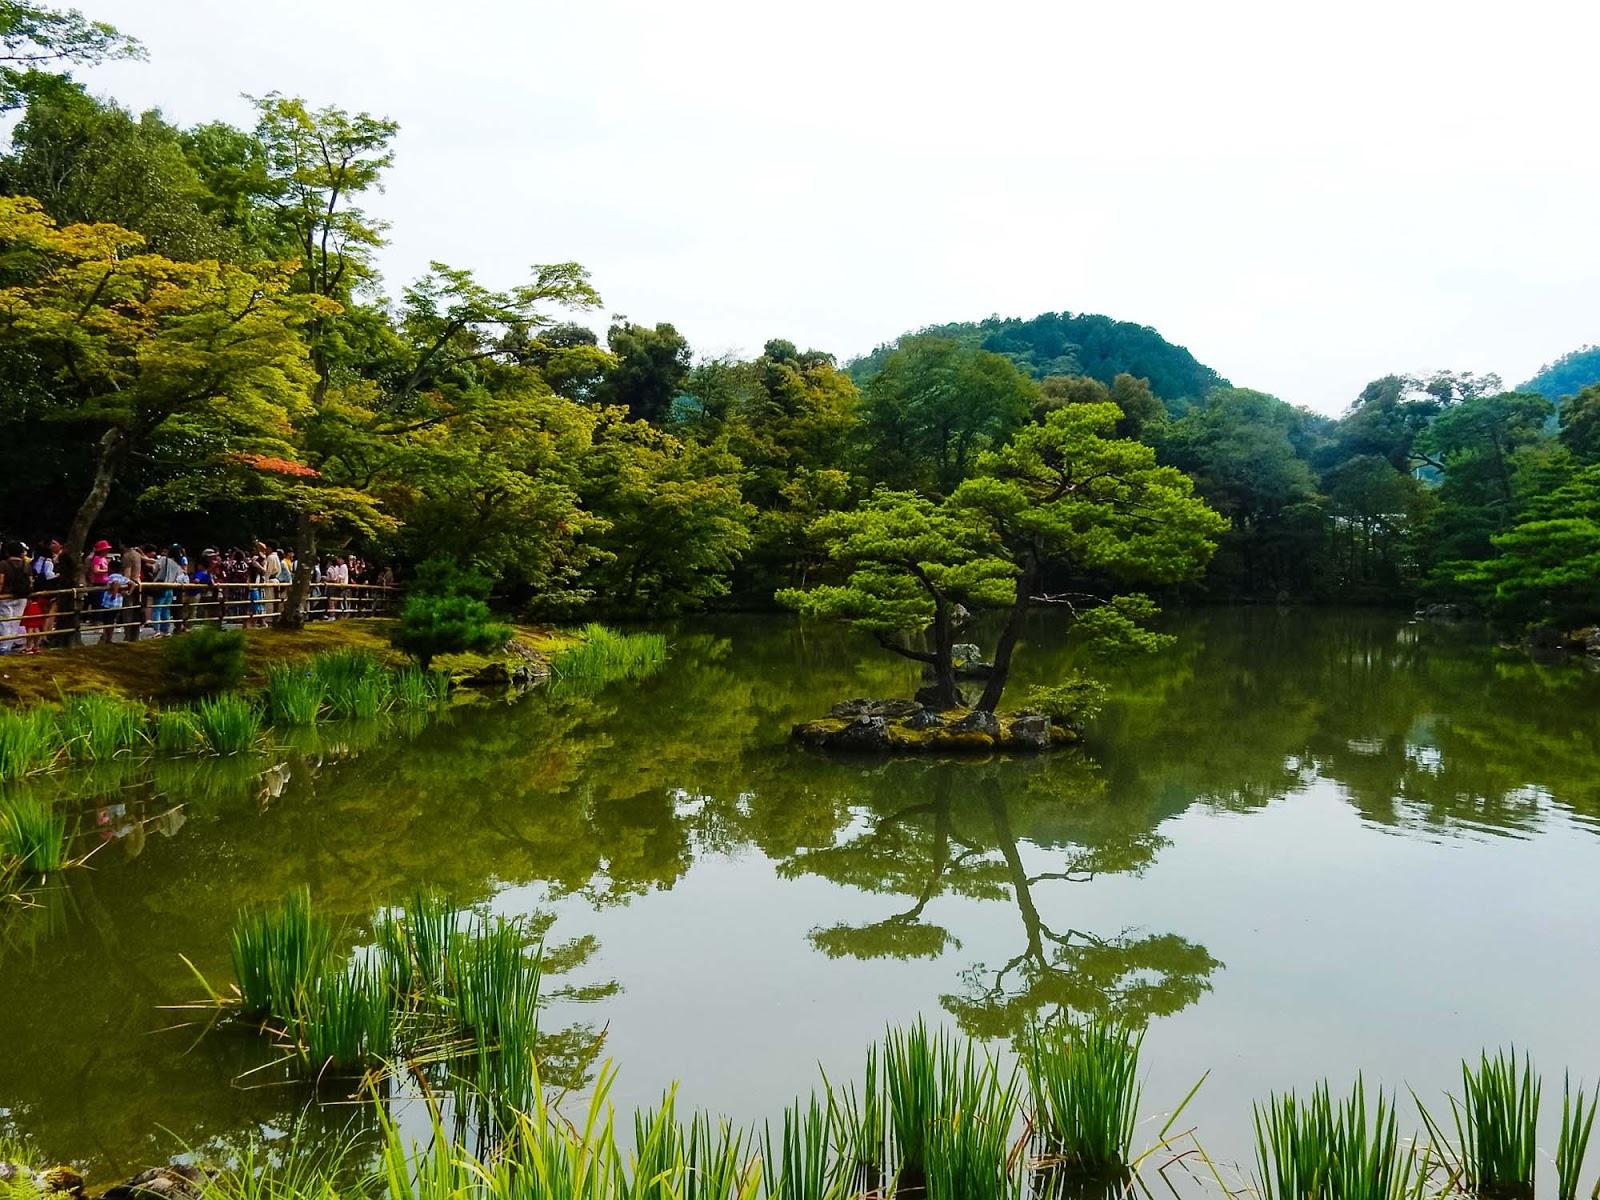 crowds at the grounds of kinkaku-ji temple